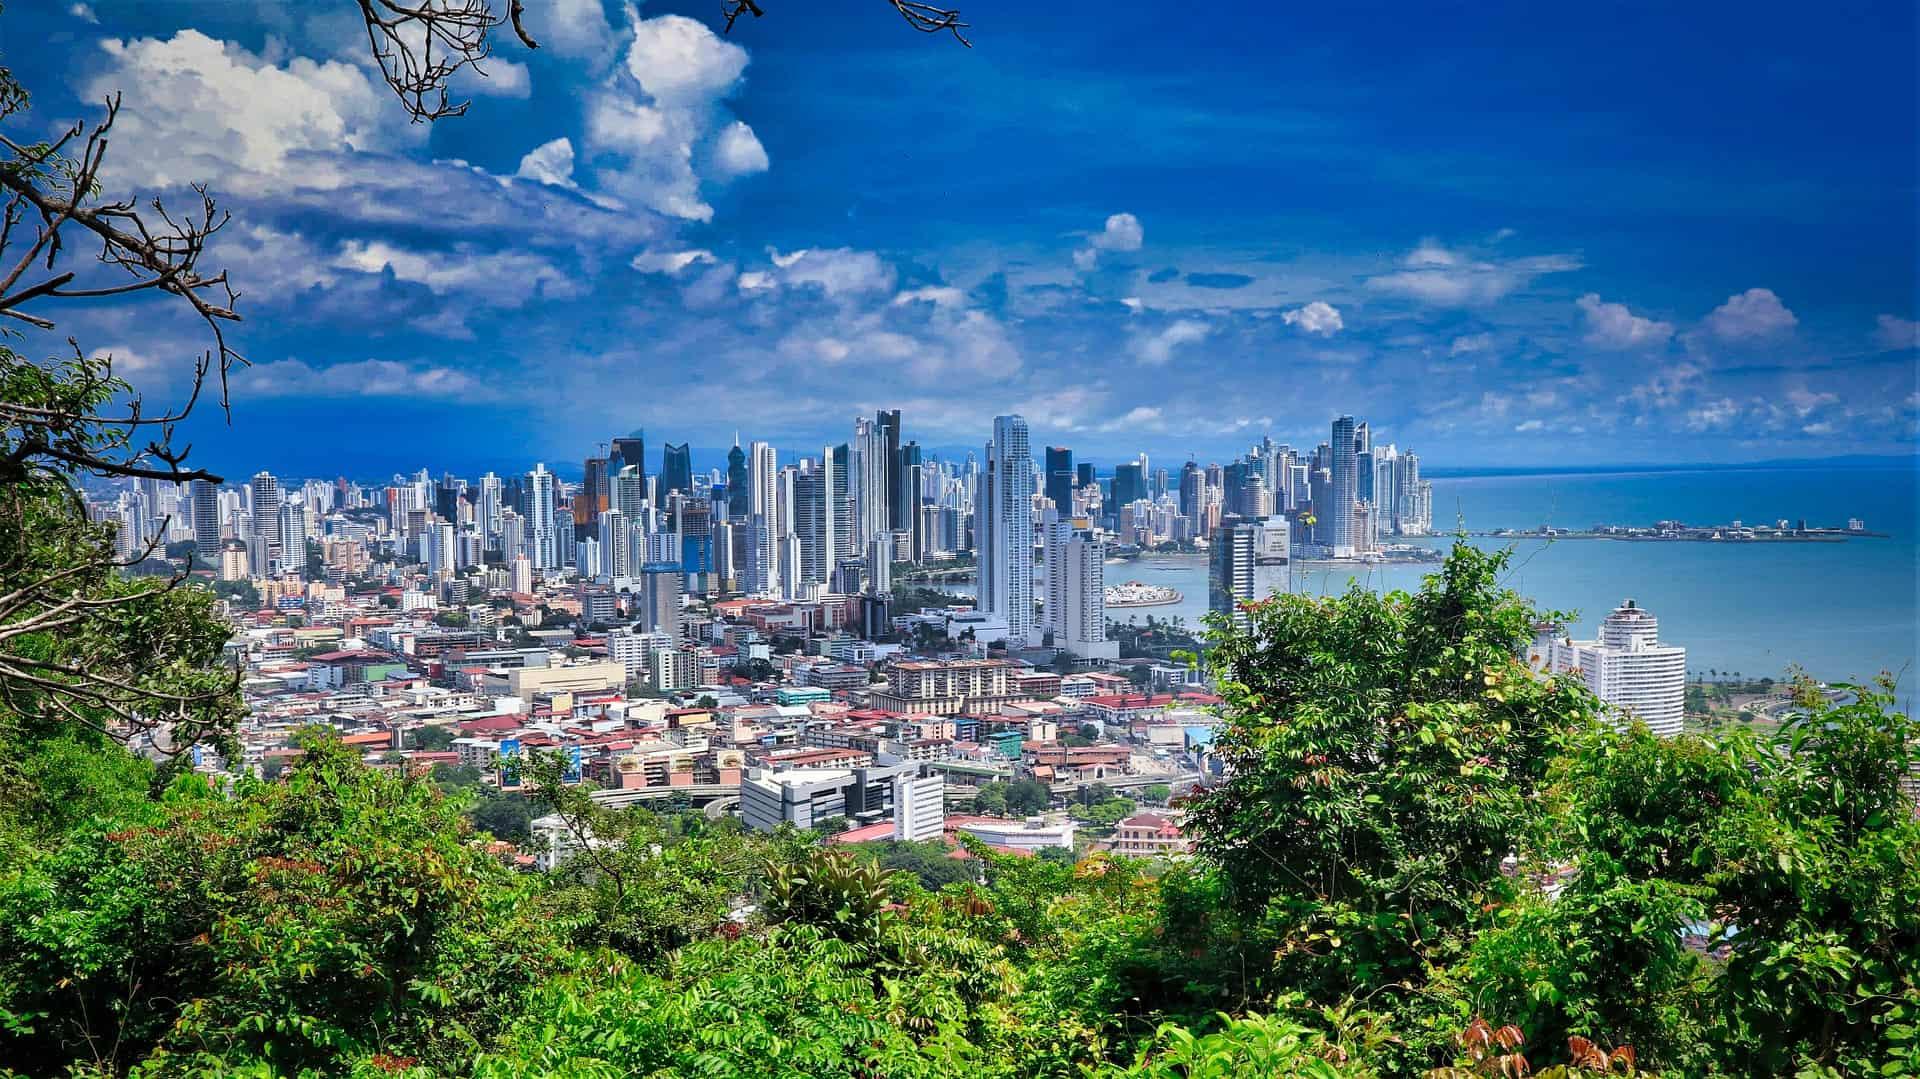 Panama City eine Metropole zwischen dem Dschungel und Pazifischen Ozean